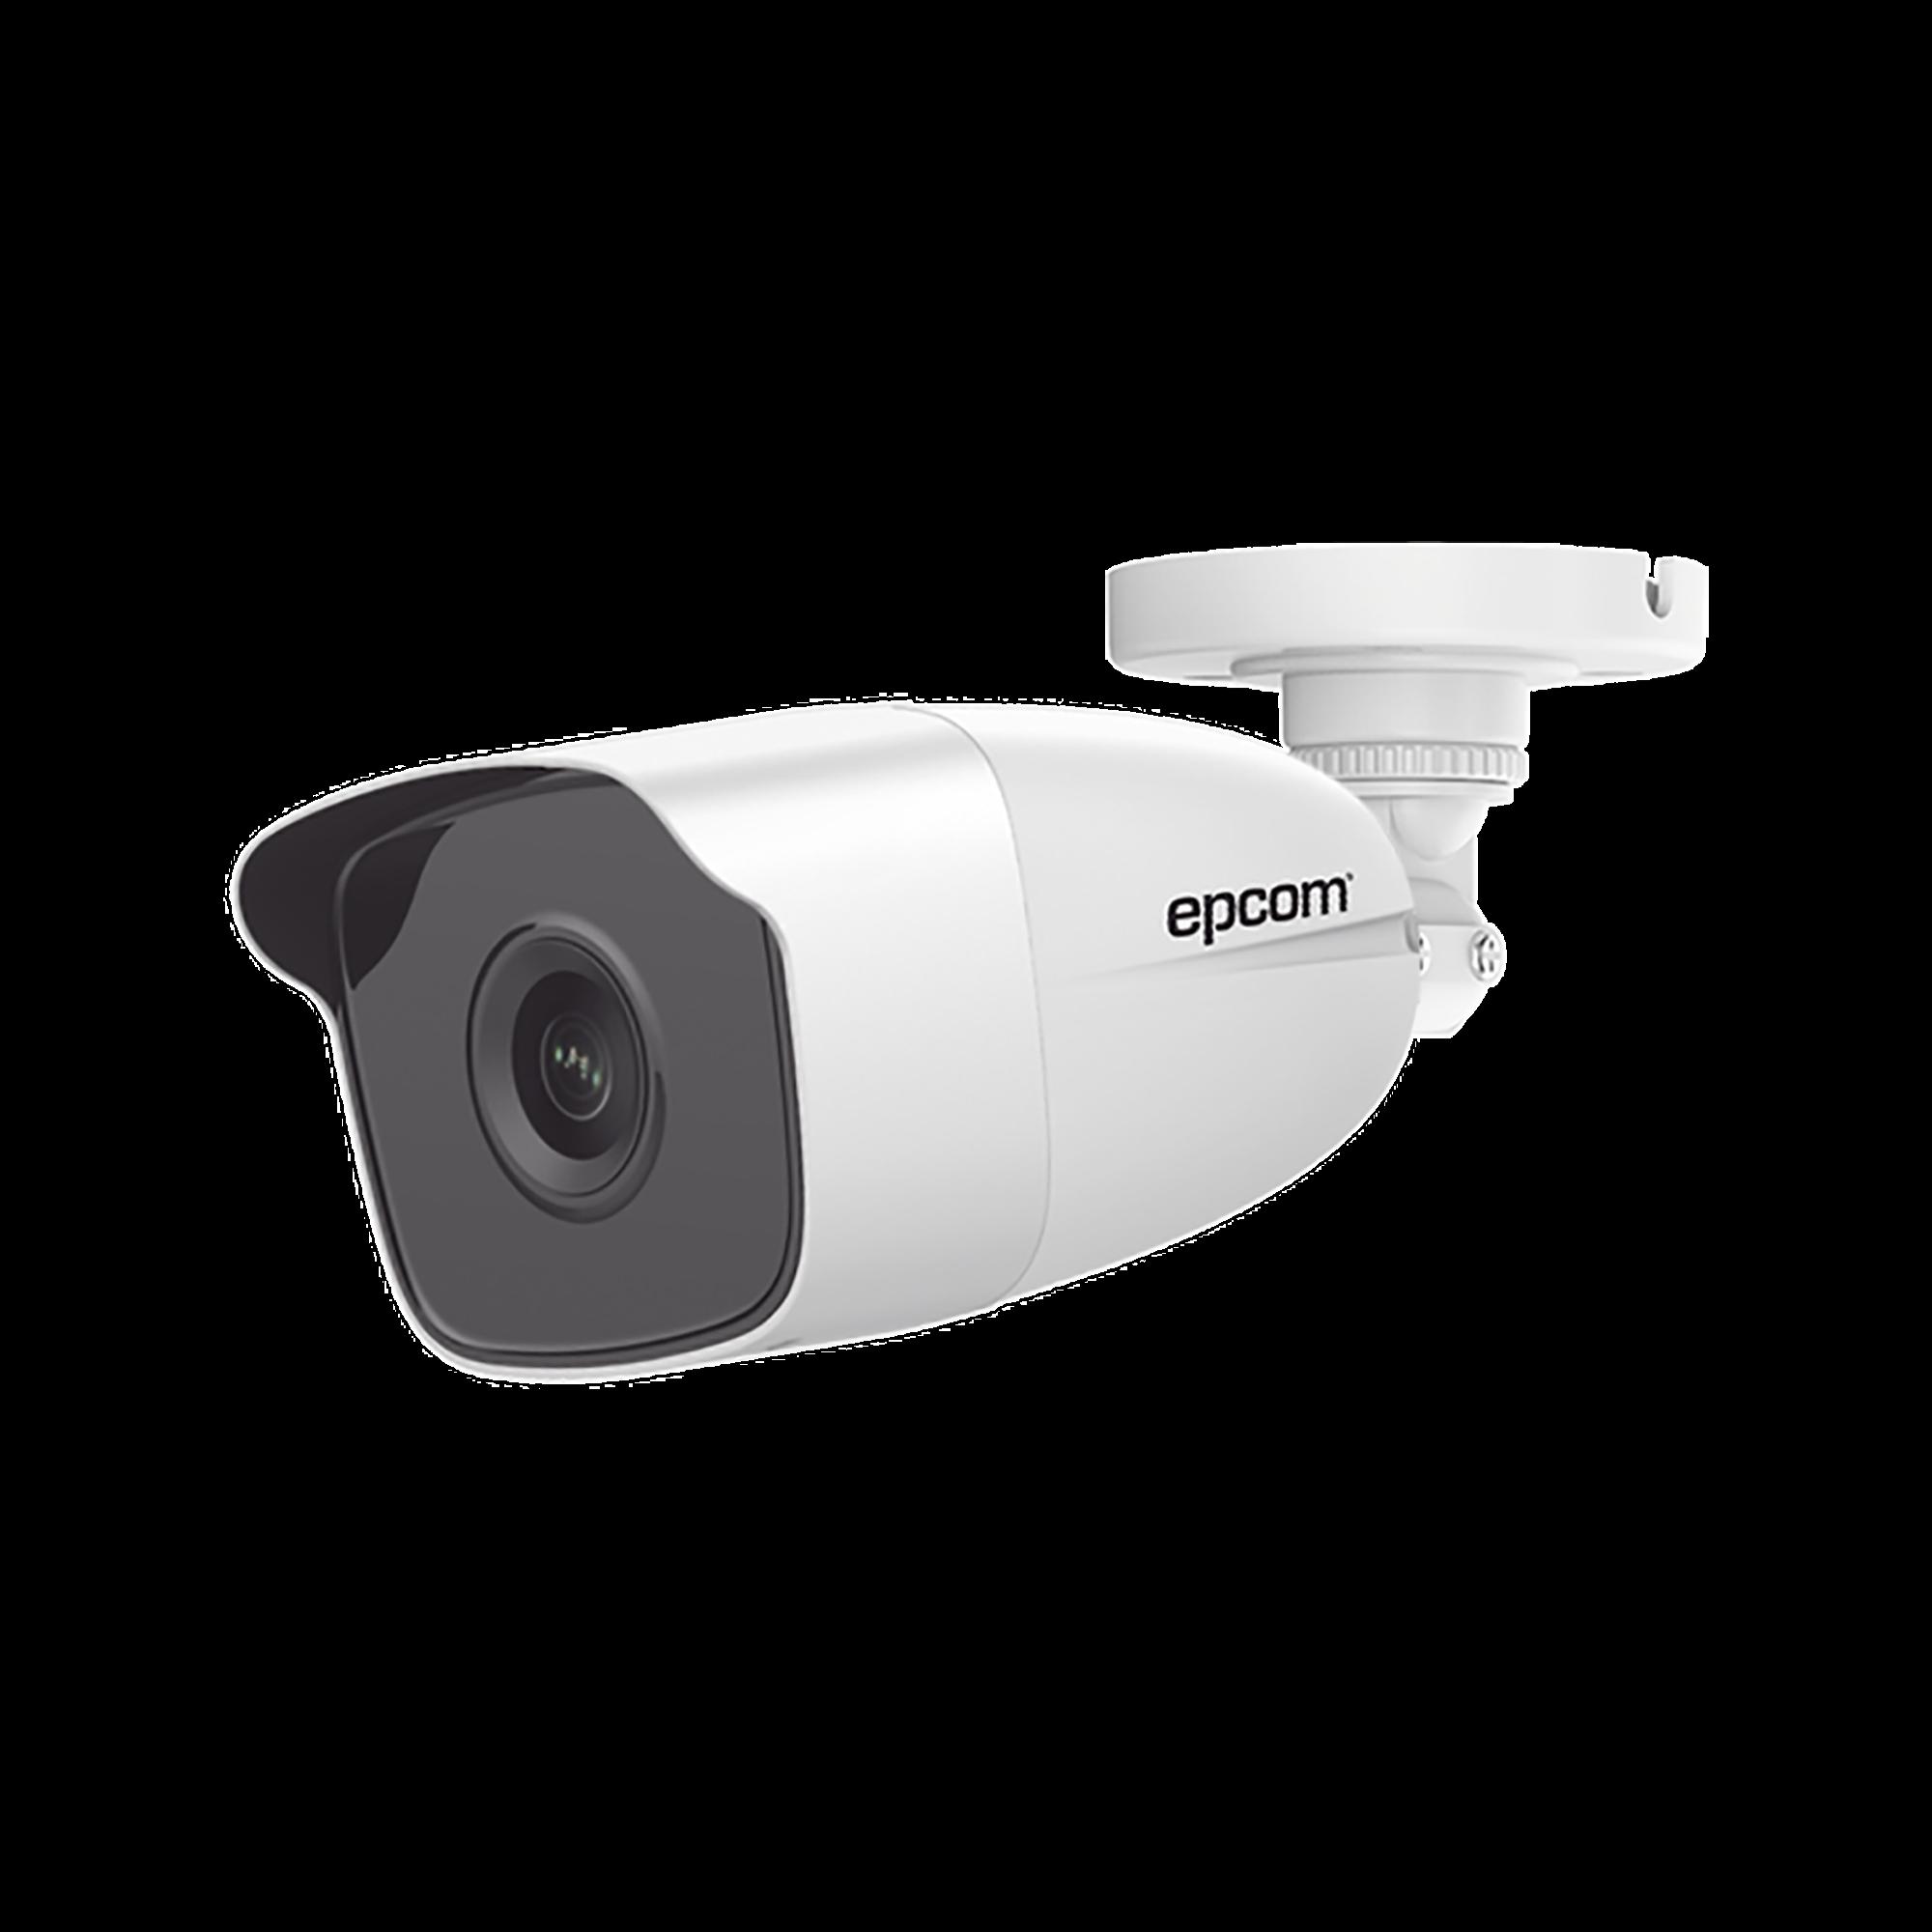 Bala TURBOHD 1080p / Lente 2.8 mm  / 50 mts IR EXIR / Exterior IP66 / Ultra Baja Iluminación  / METAL / 4 Tecnologías / WDR 120 dB